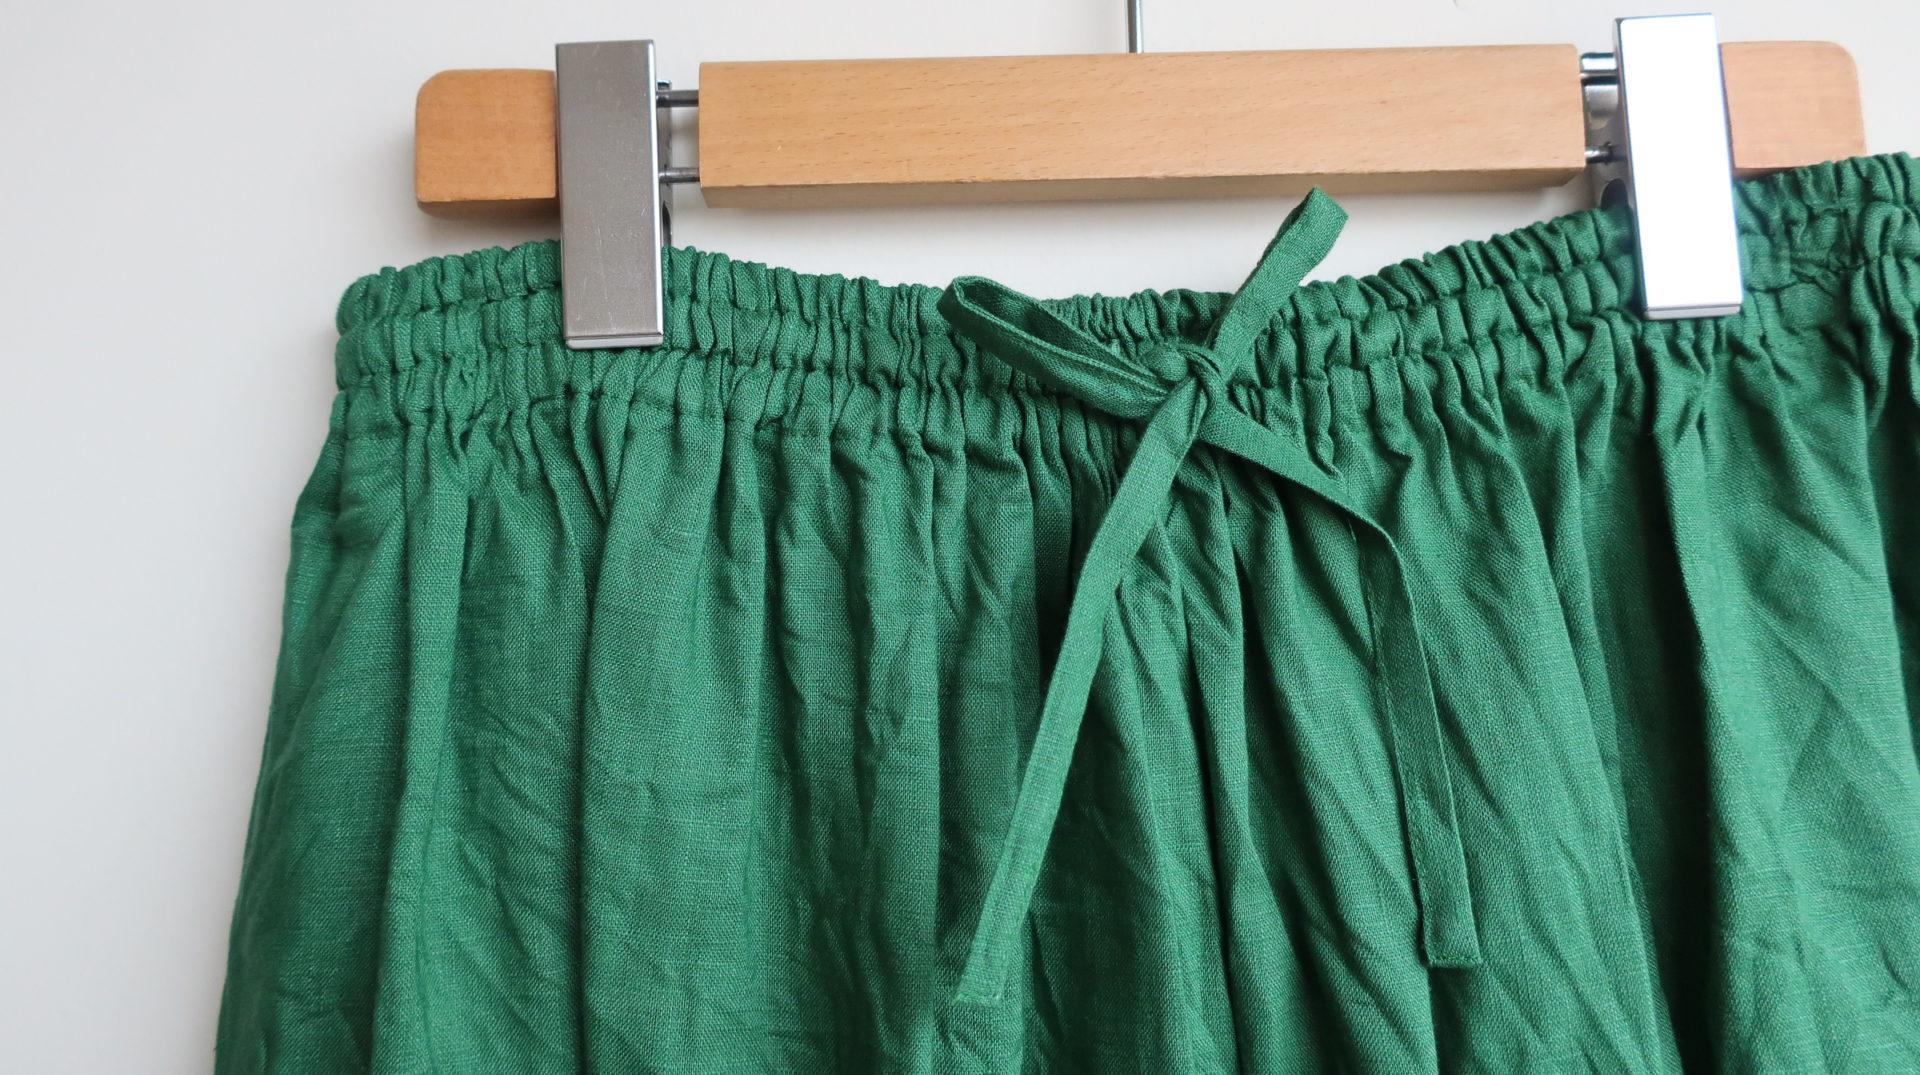 ina フレンチリネンキャンバスワッシャーギャザースカート